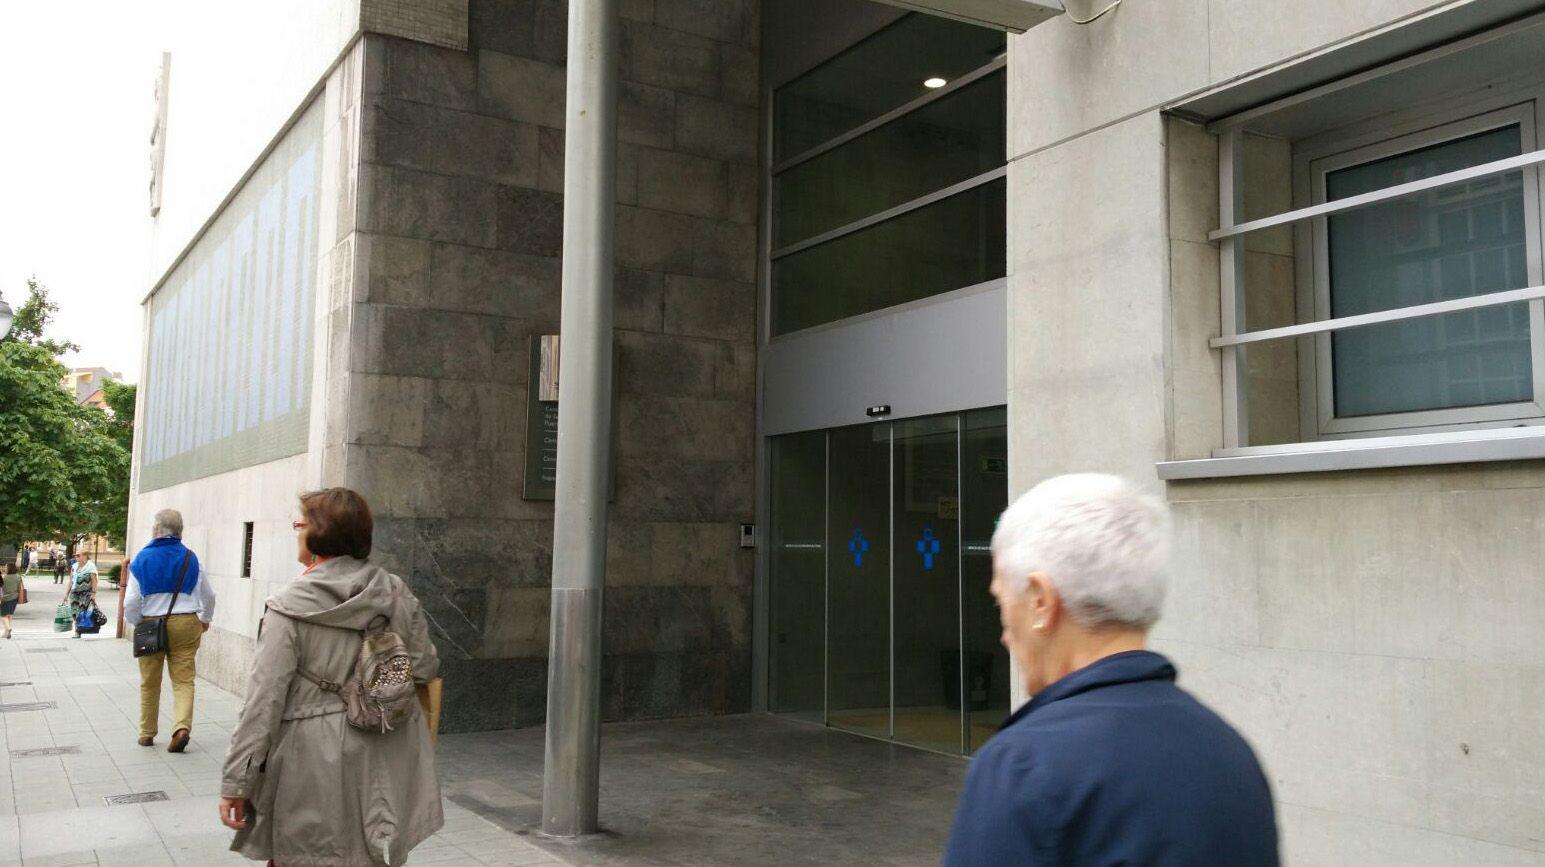 El rector repasa la actualidad de la Universidad de Oviedo.El neurólogo asturiano afincado en Estados Unidos, Juan Fueyo, ha pronunciado una conferencia en Oviedo sobre las terapias genéticas para combatir el cáncer, como el tratamiento con células T que ya se usa en pacientes